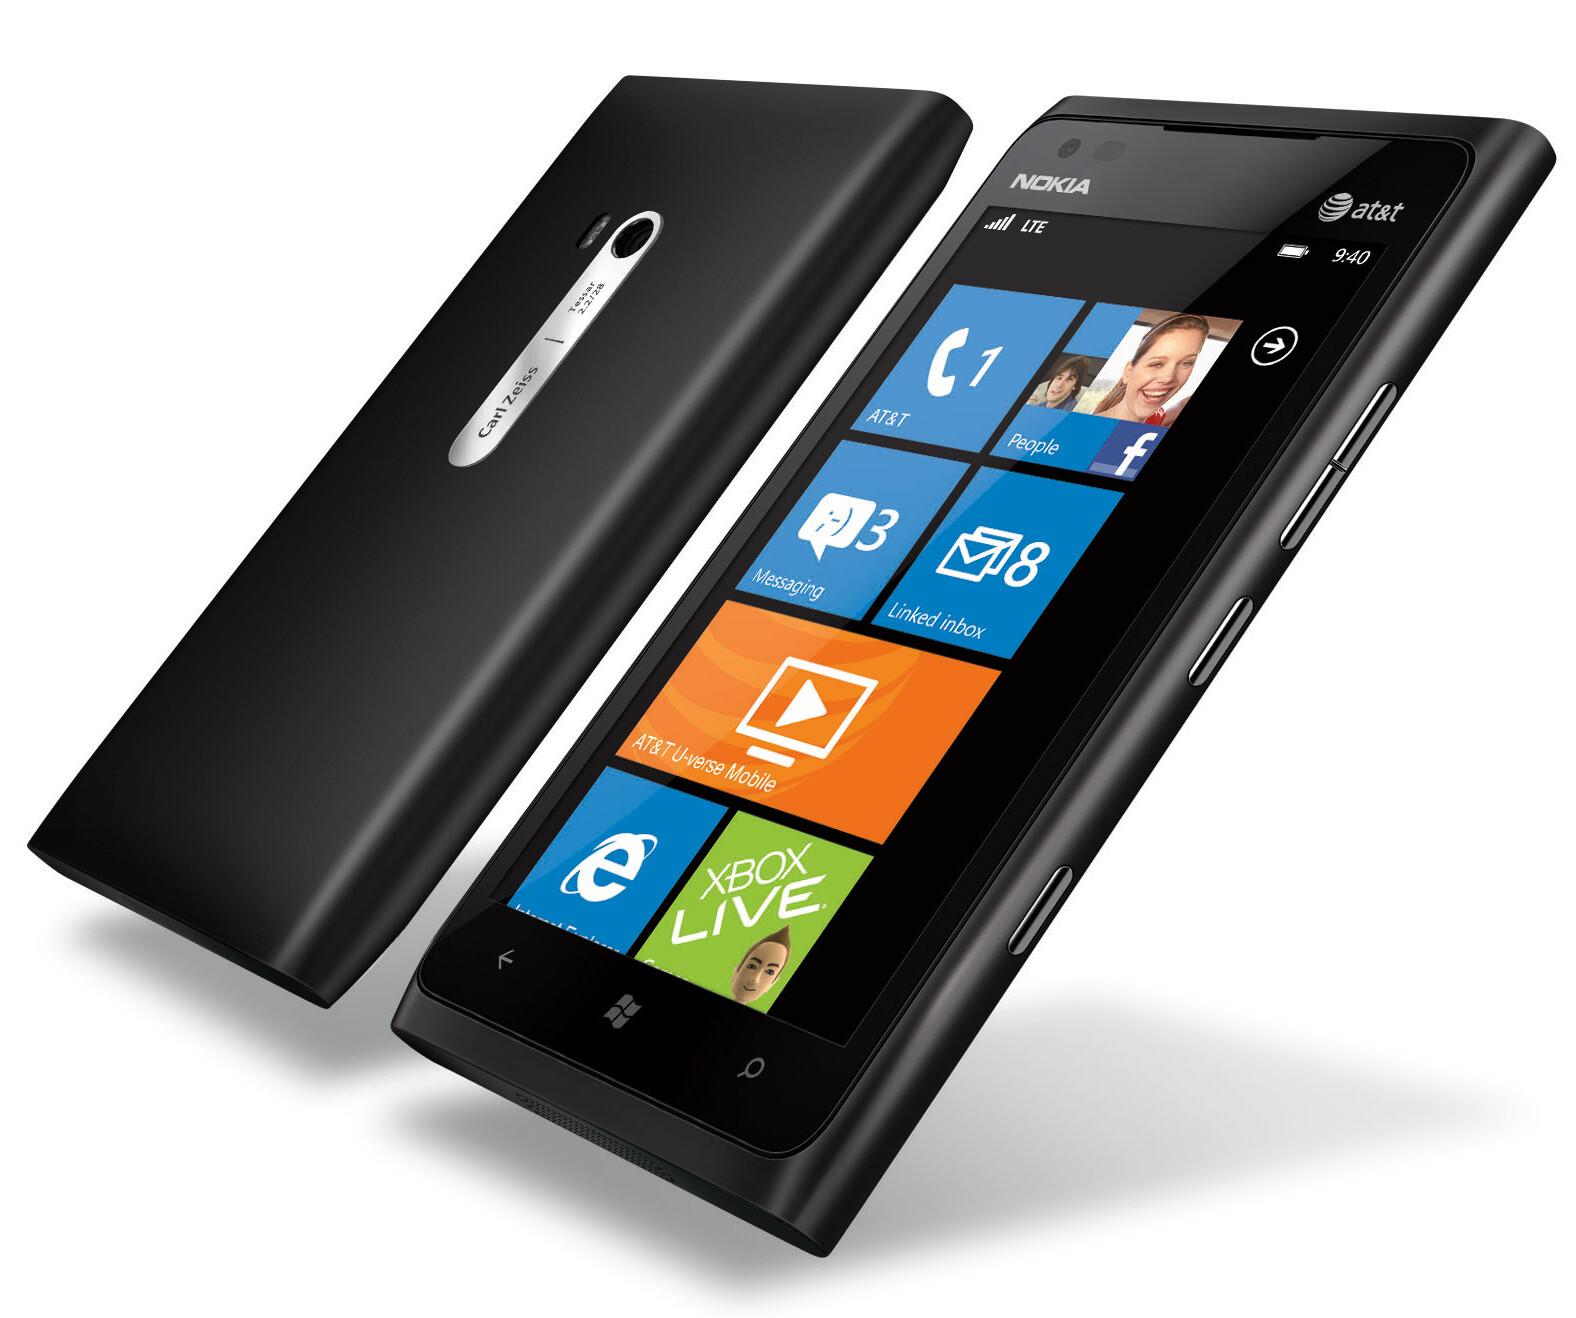 Lumia 4G Lte Phones In Pakistan